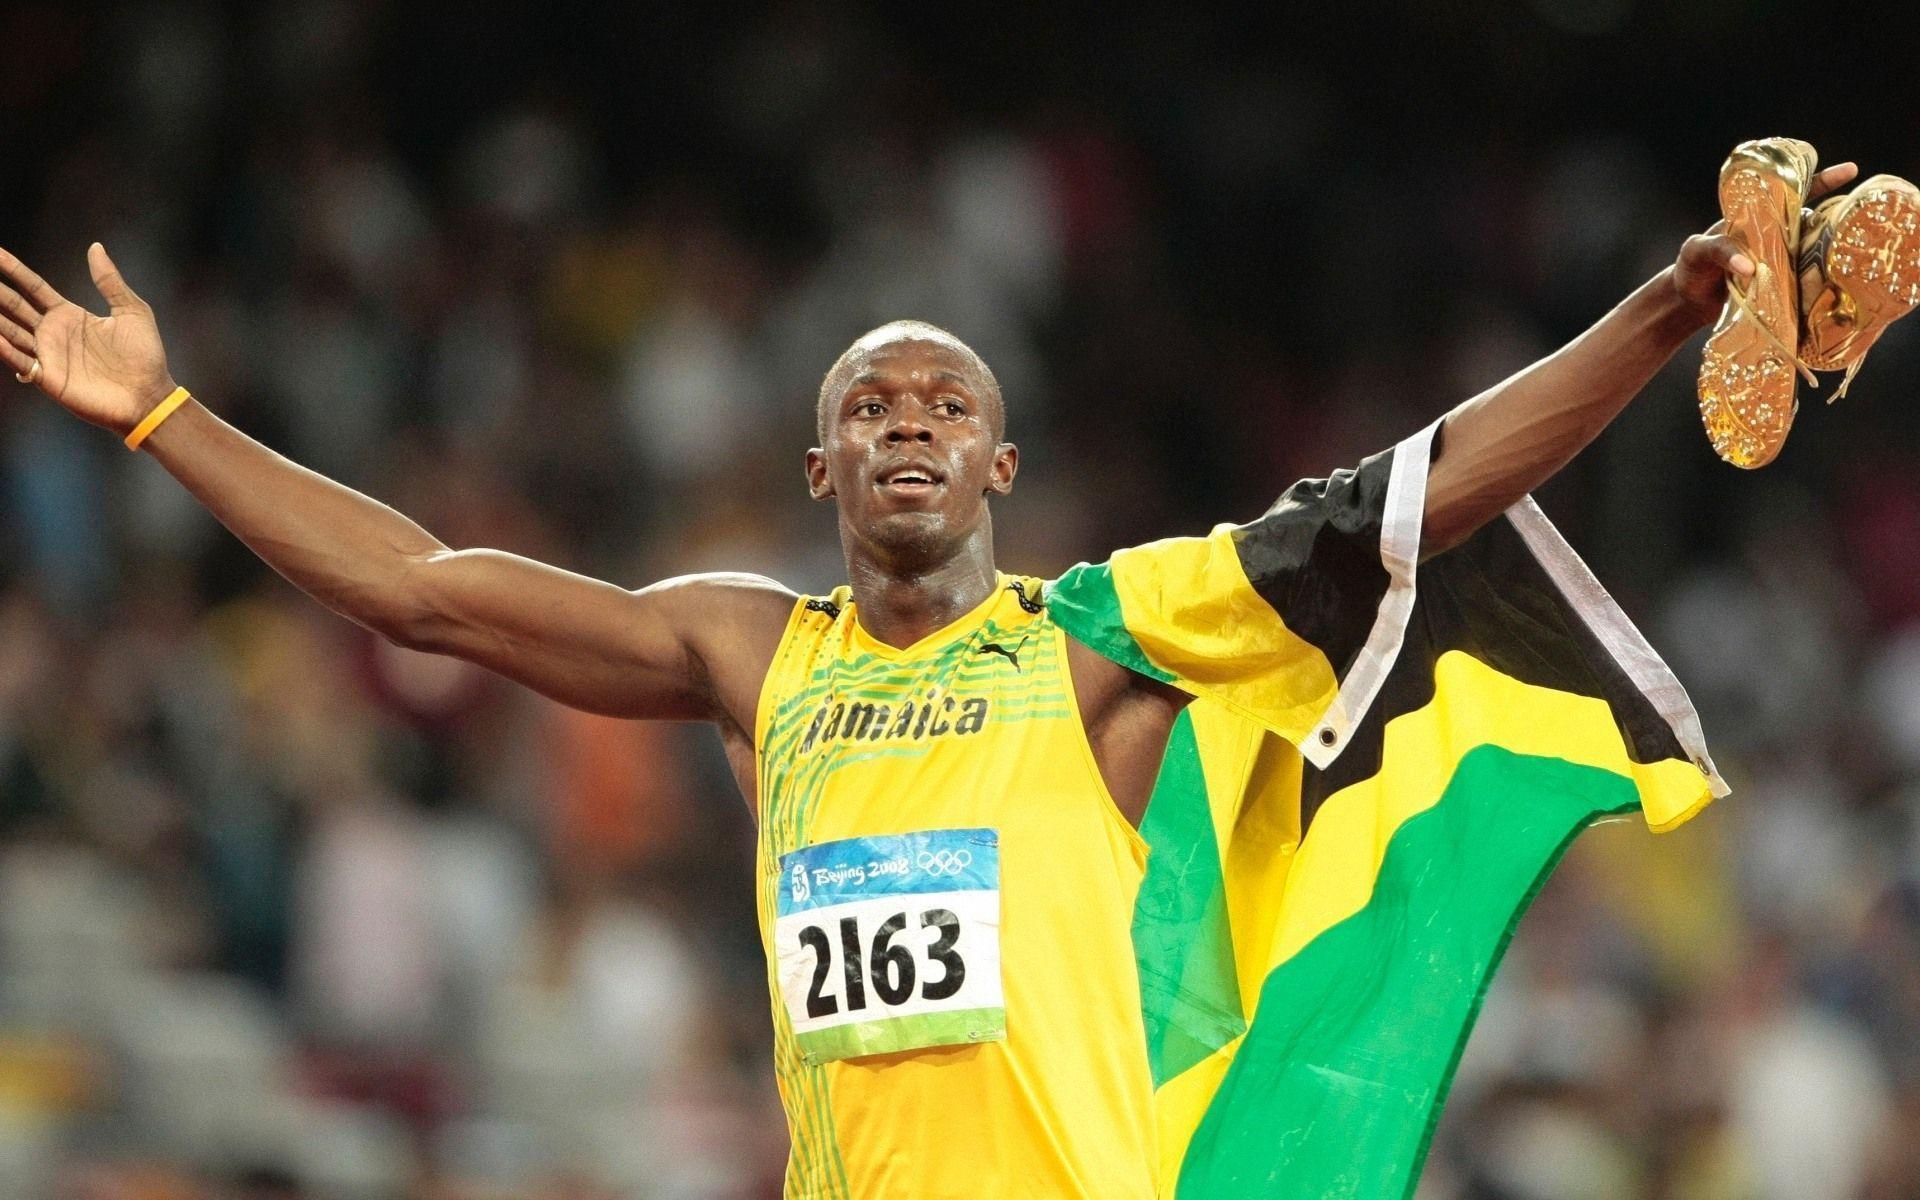 Usain Bolt Le 15 août 2016 3 e titre olympique du 100 m lors des Jeux olympiques de Rio Informations Disciplines 100 m 200 m 4 100 m Période dactivité